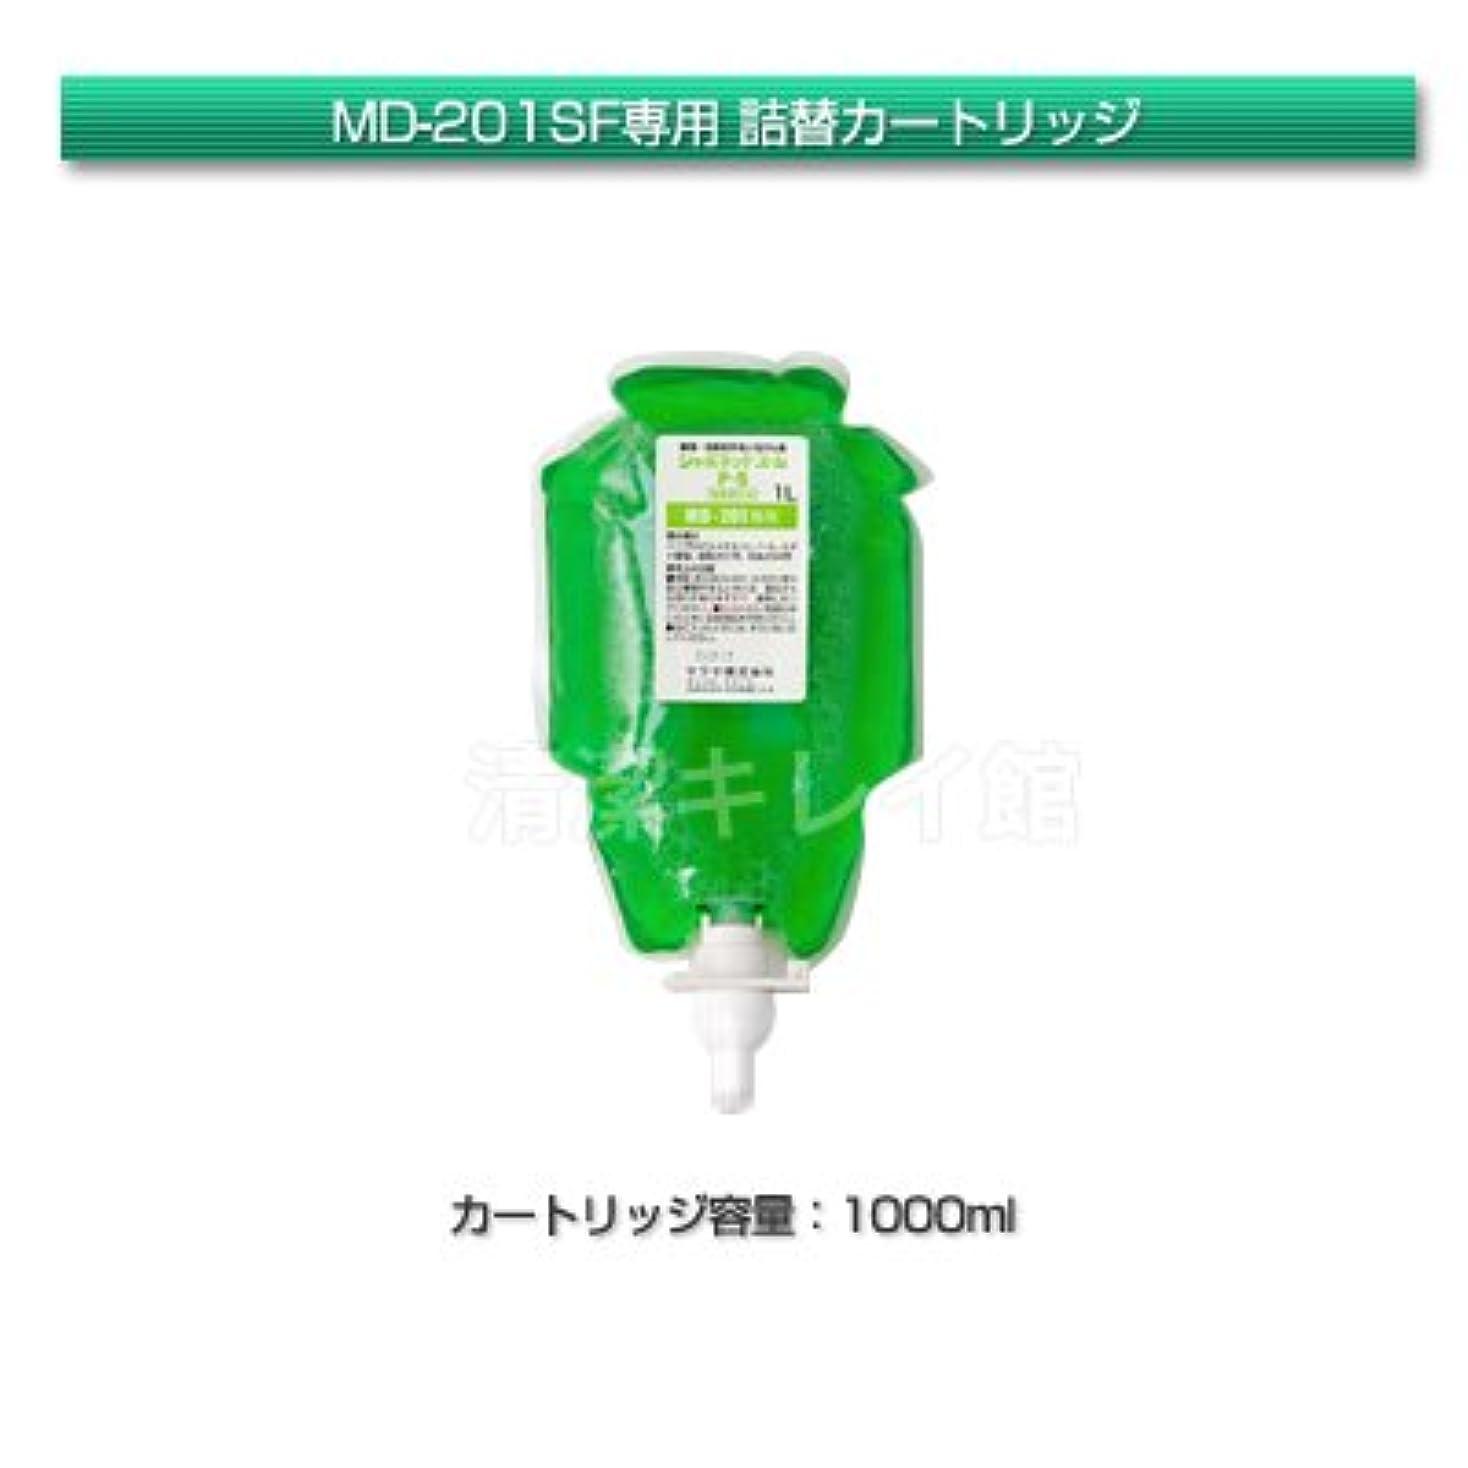 次追い付くとは異なりサラヤ プッシュ式石鹸液 MD-201SF(泡)専用カートリッジ(ユムP-5)1000ml【清潔キレイ館】